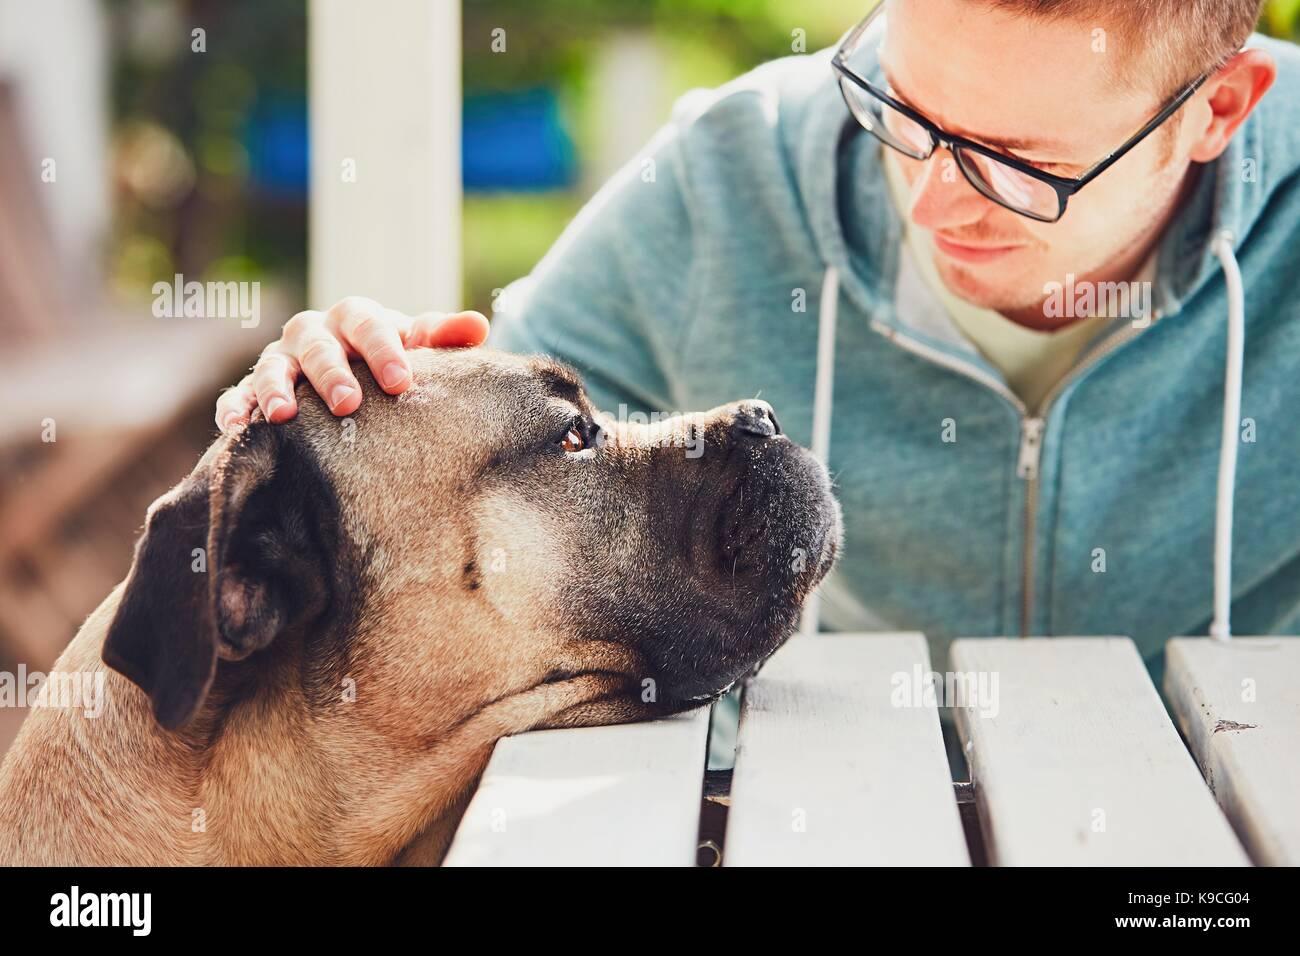 Dedicato look di enorme cane. amicizia tra il giovane uomo e cane corso cane. Immagini Stock